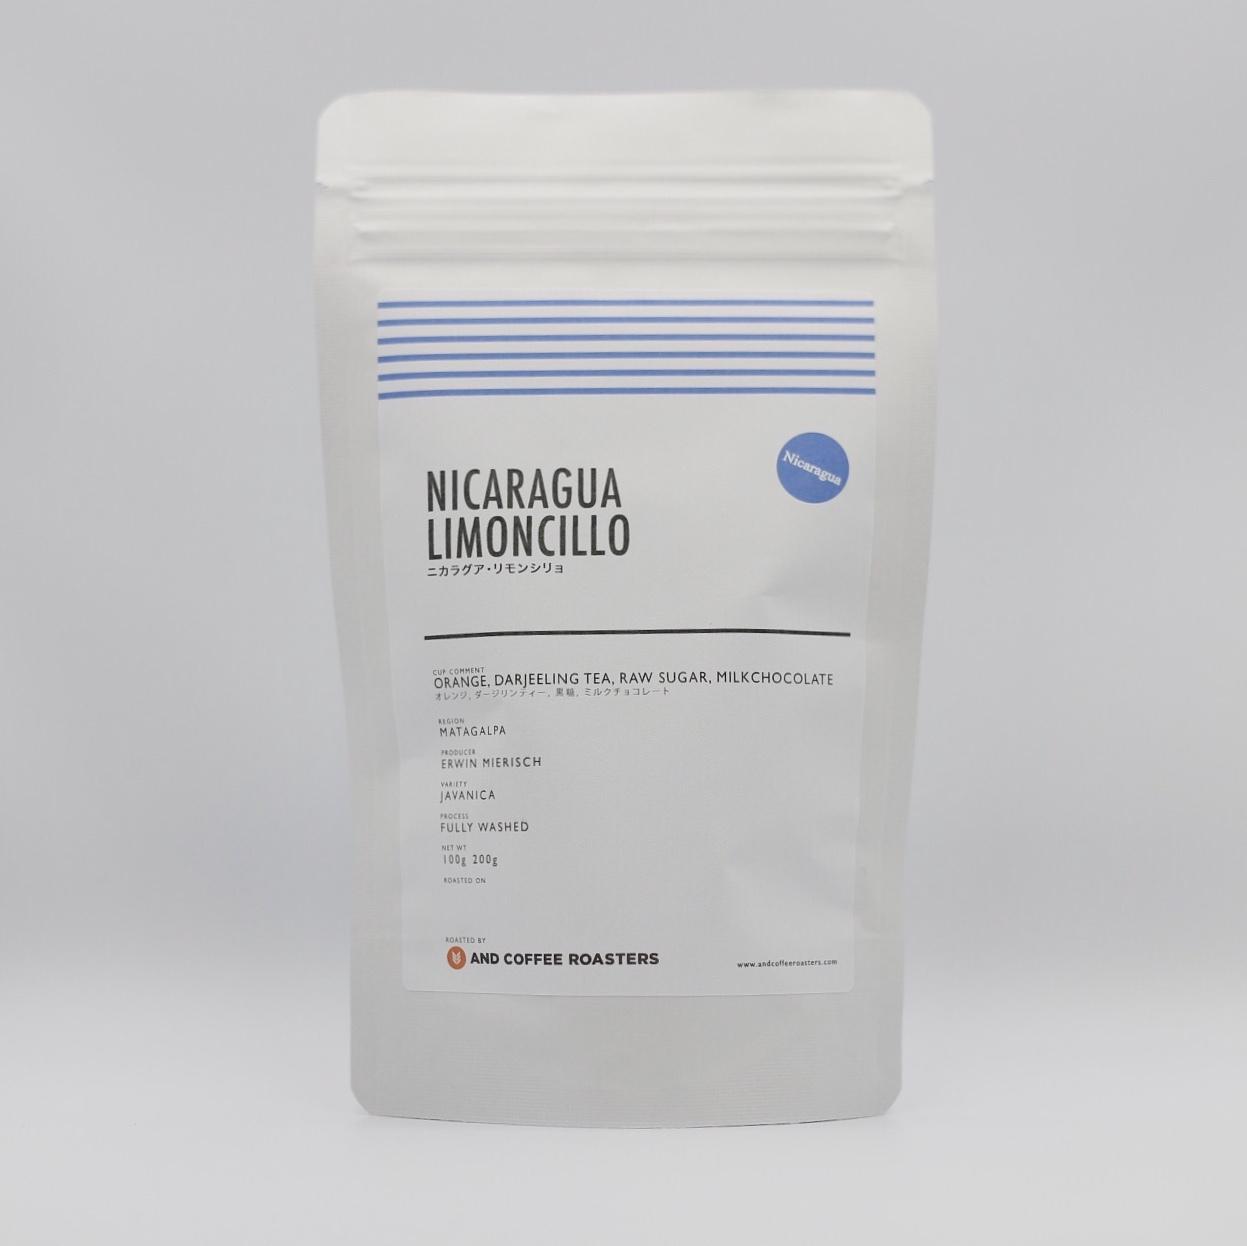 ニカラグア / リモンシリョ ジャバニカ 200g